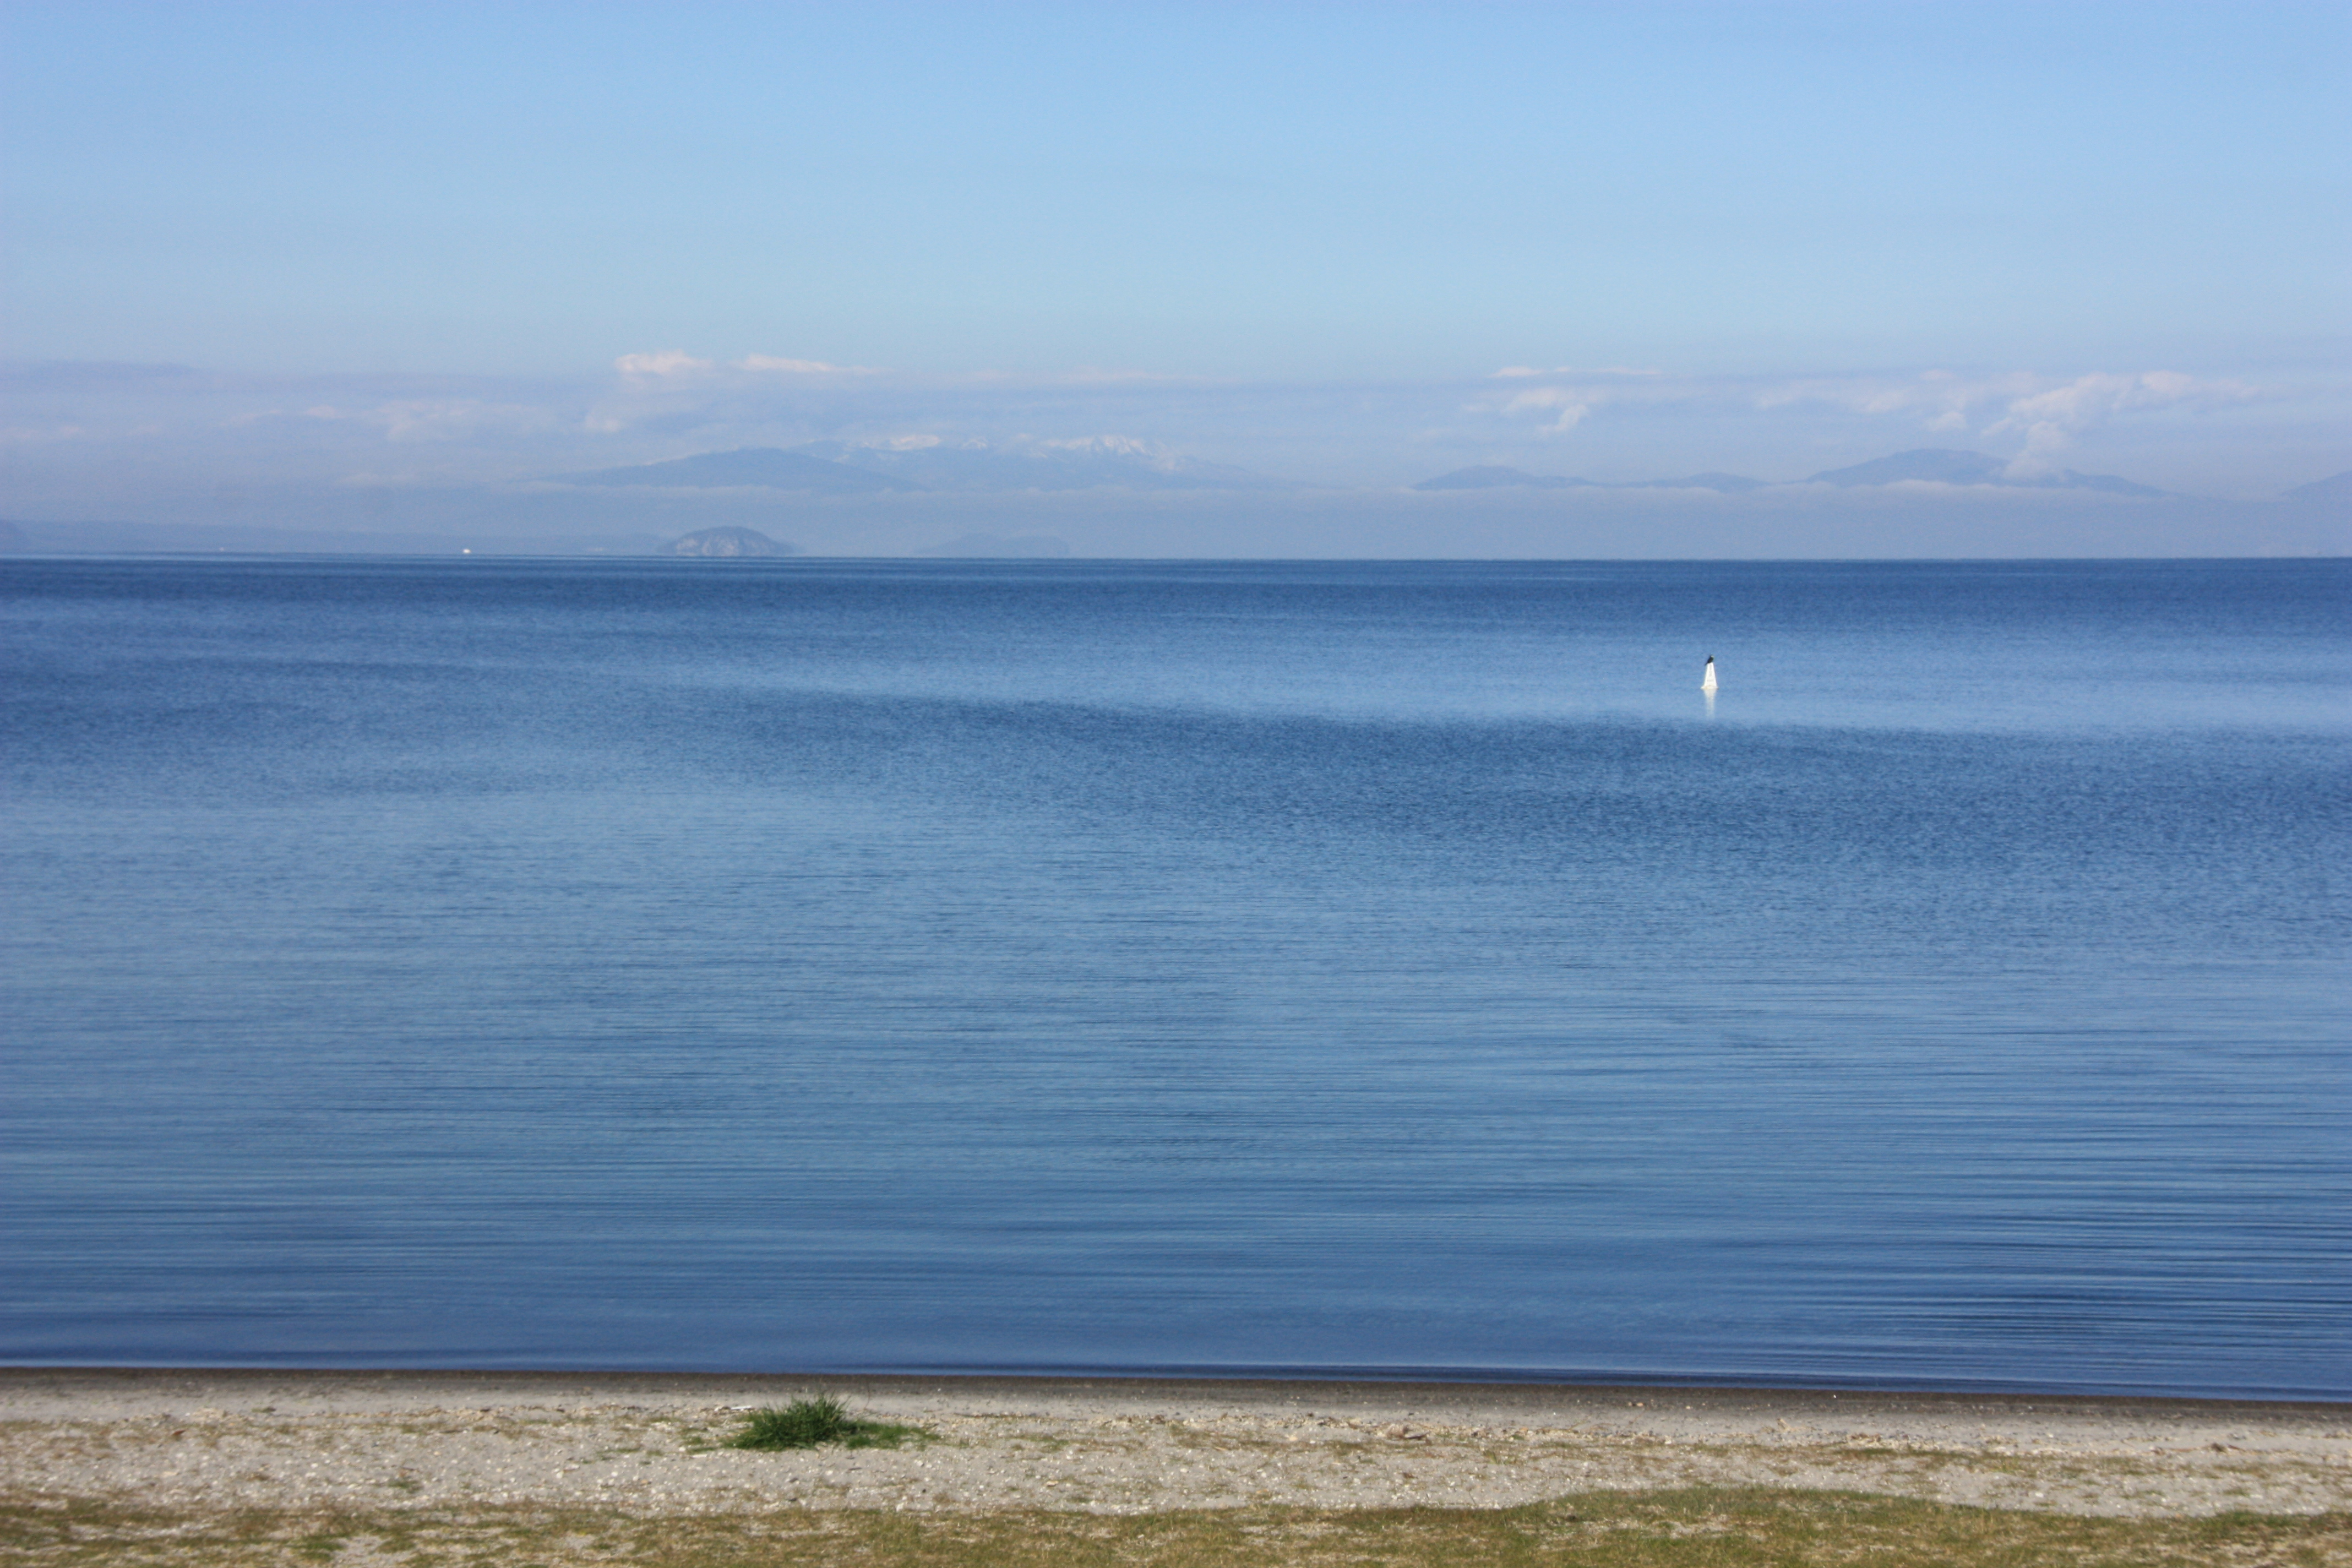 Llac Taupo